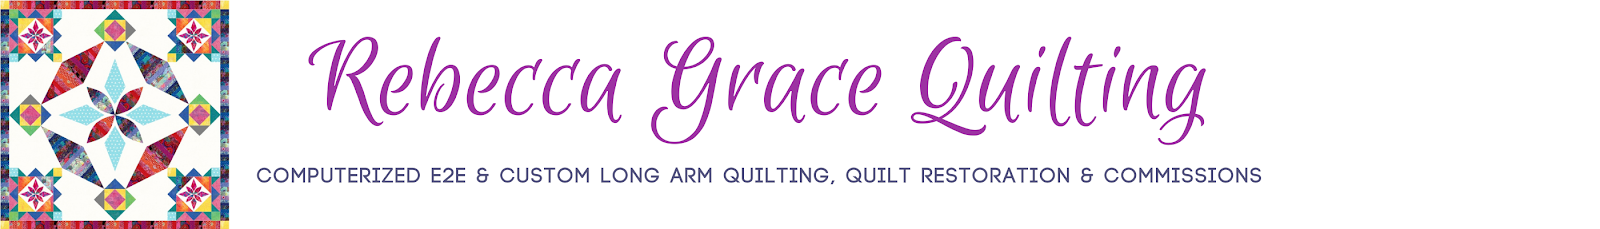 Rebecca Grace Quilting